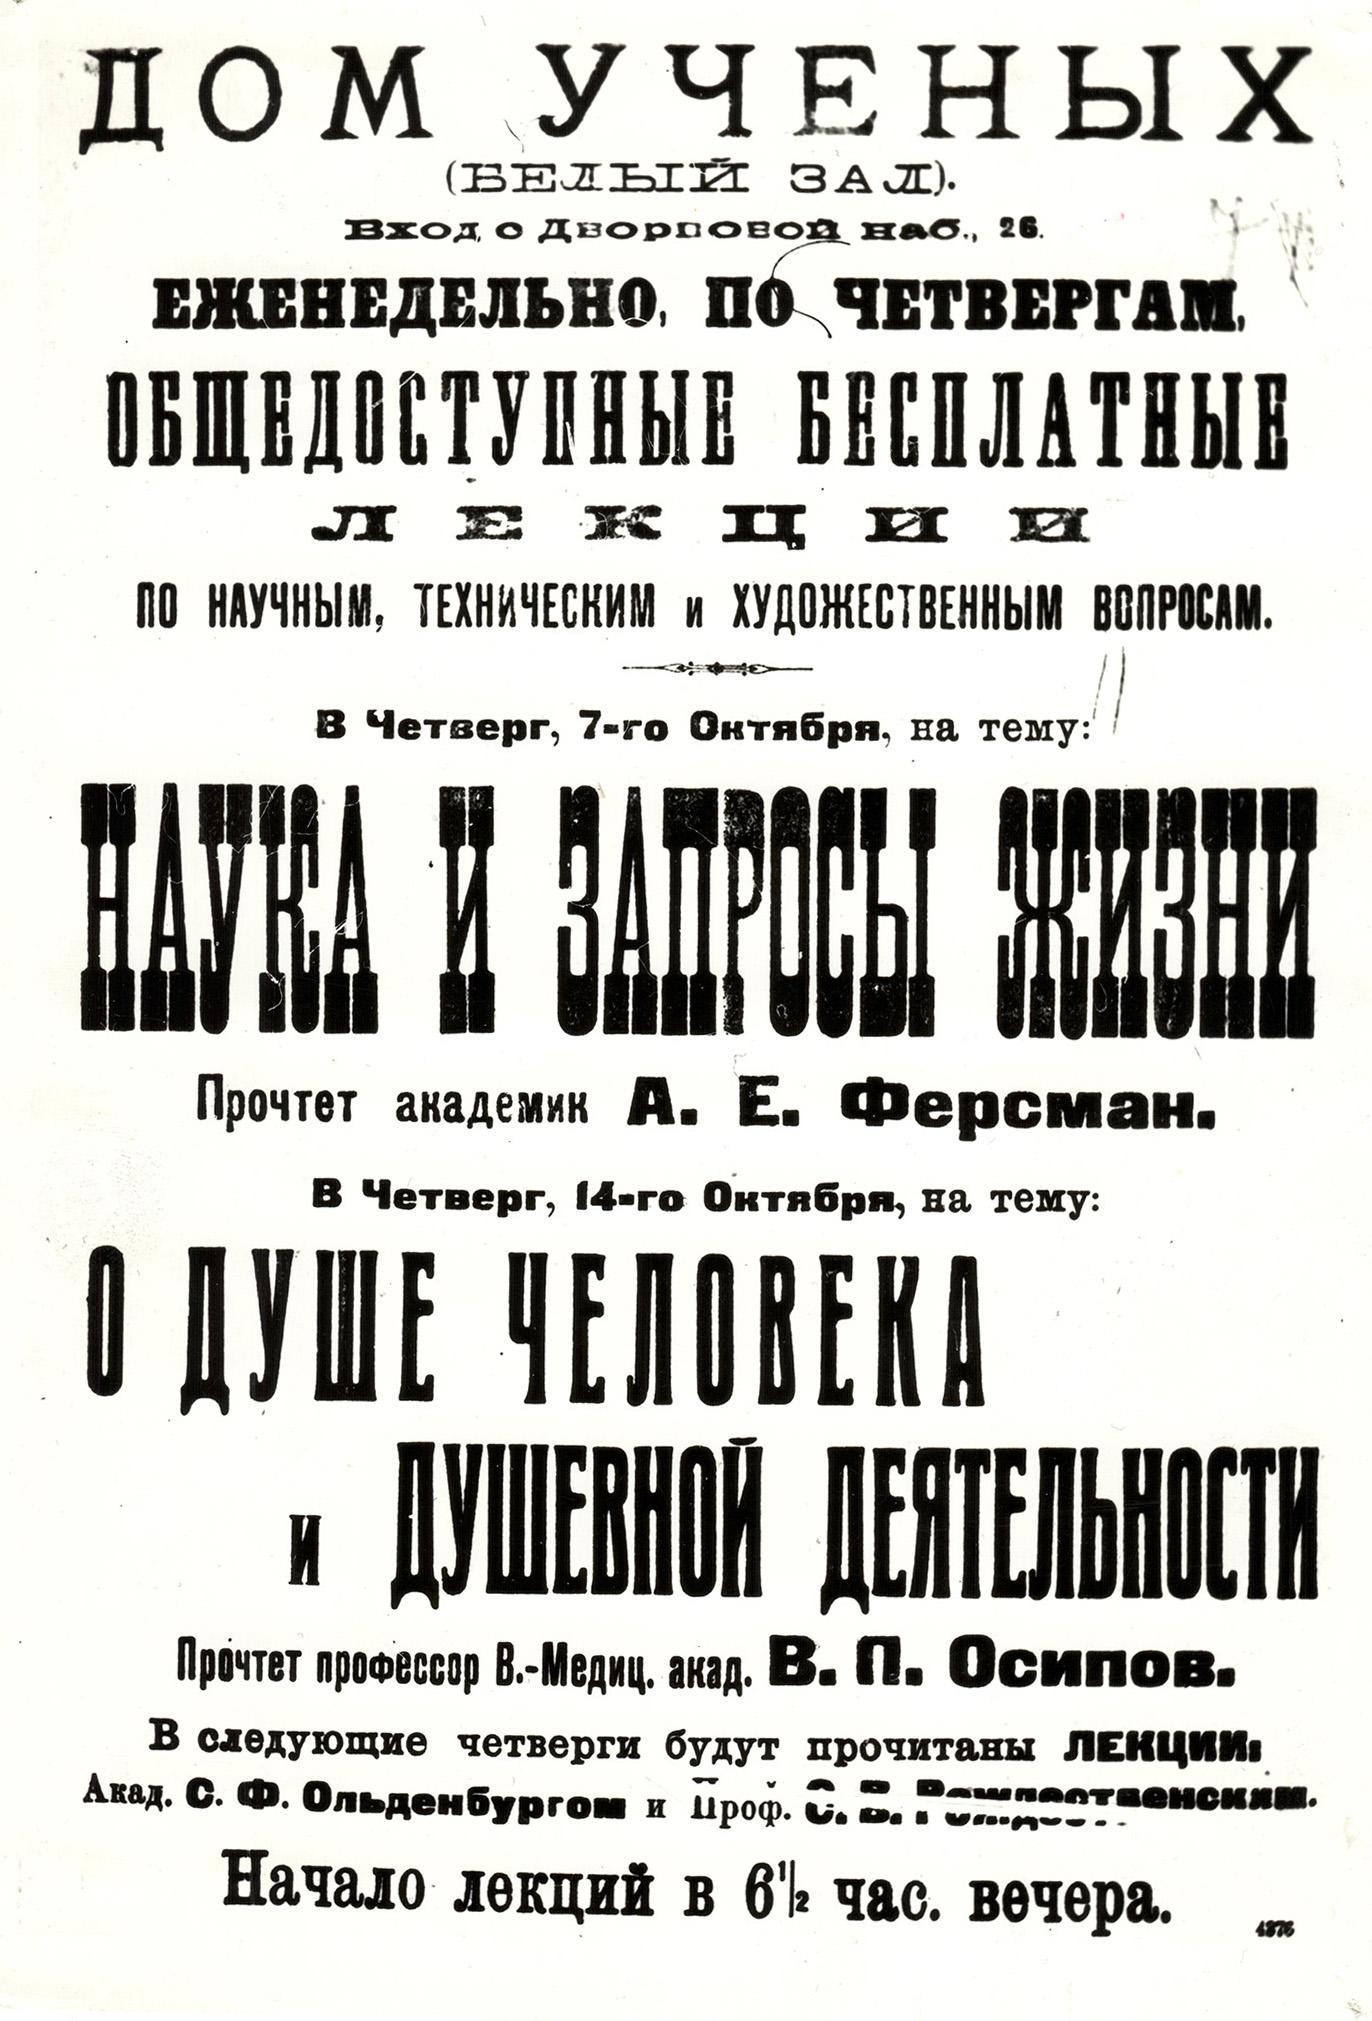 С февраля 1920 года